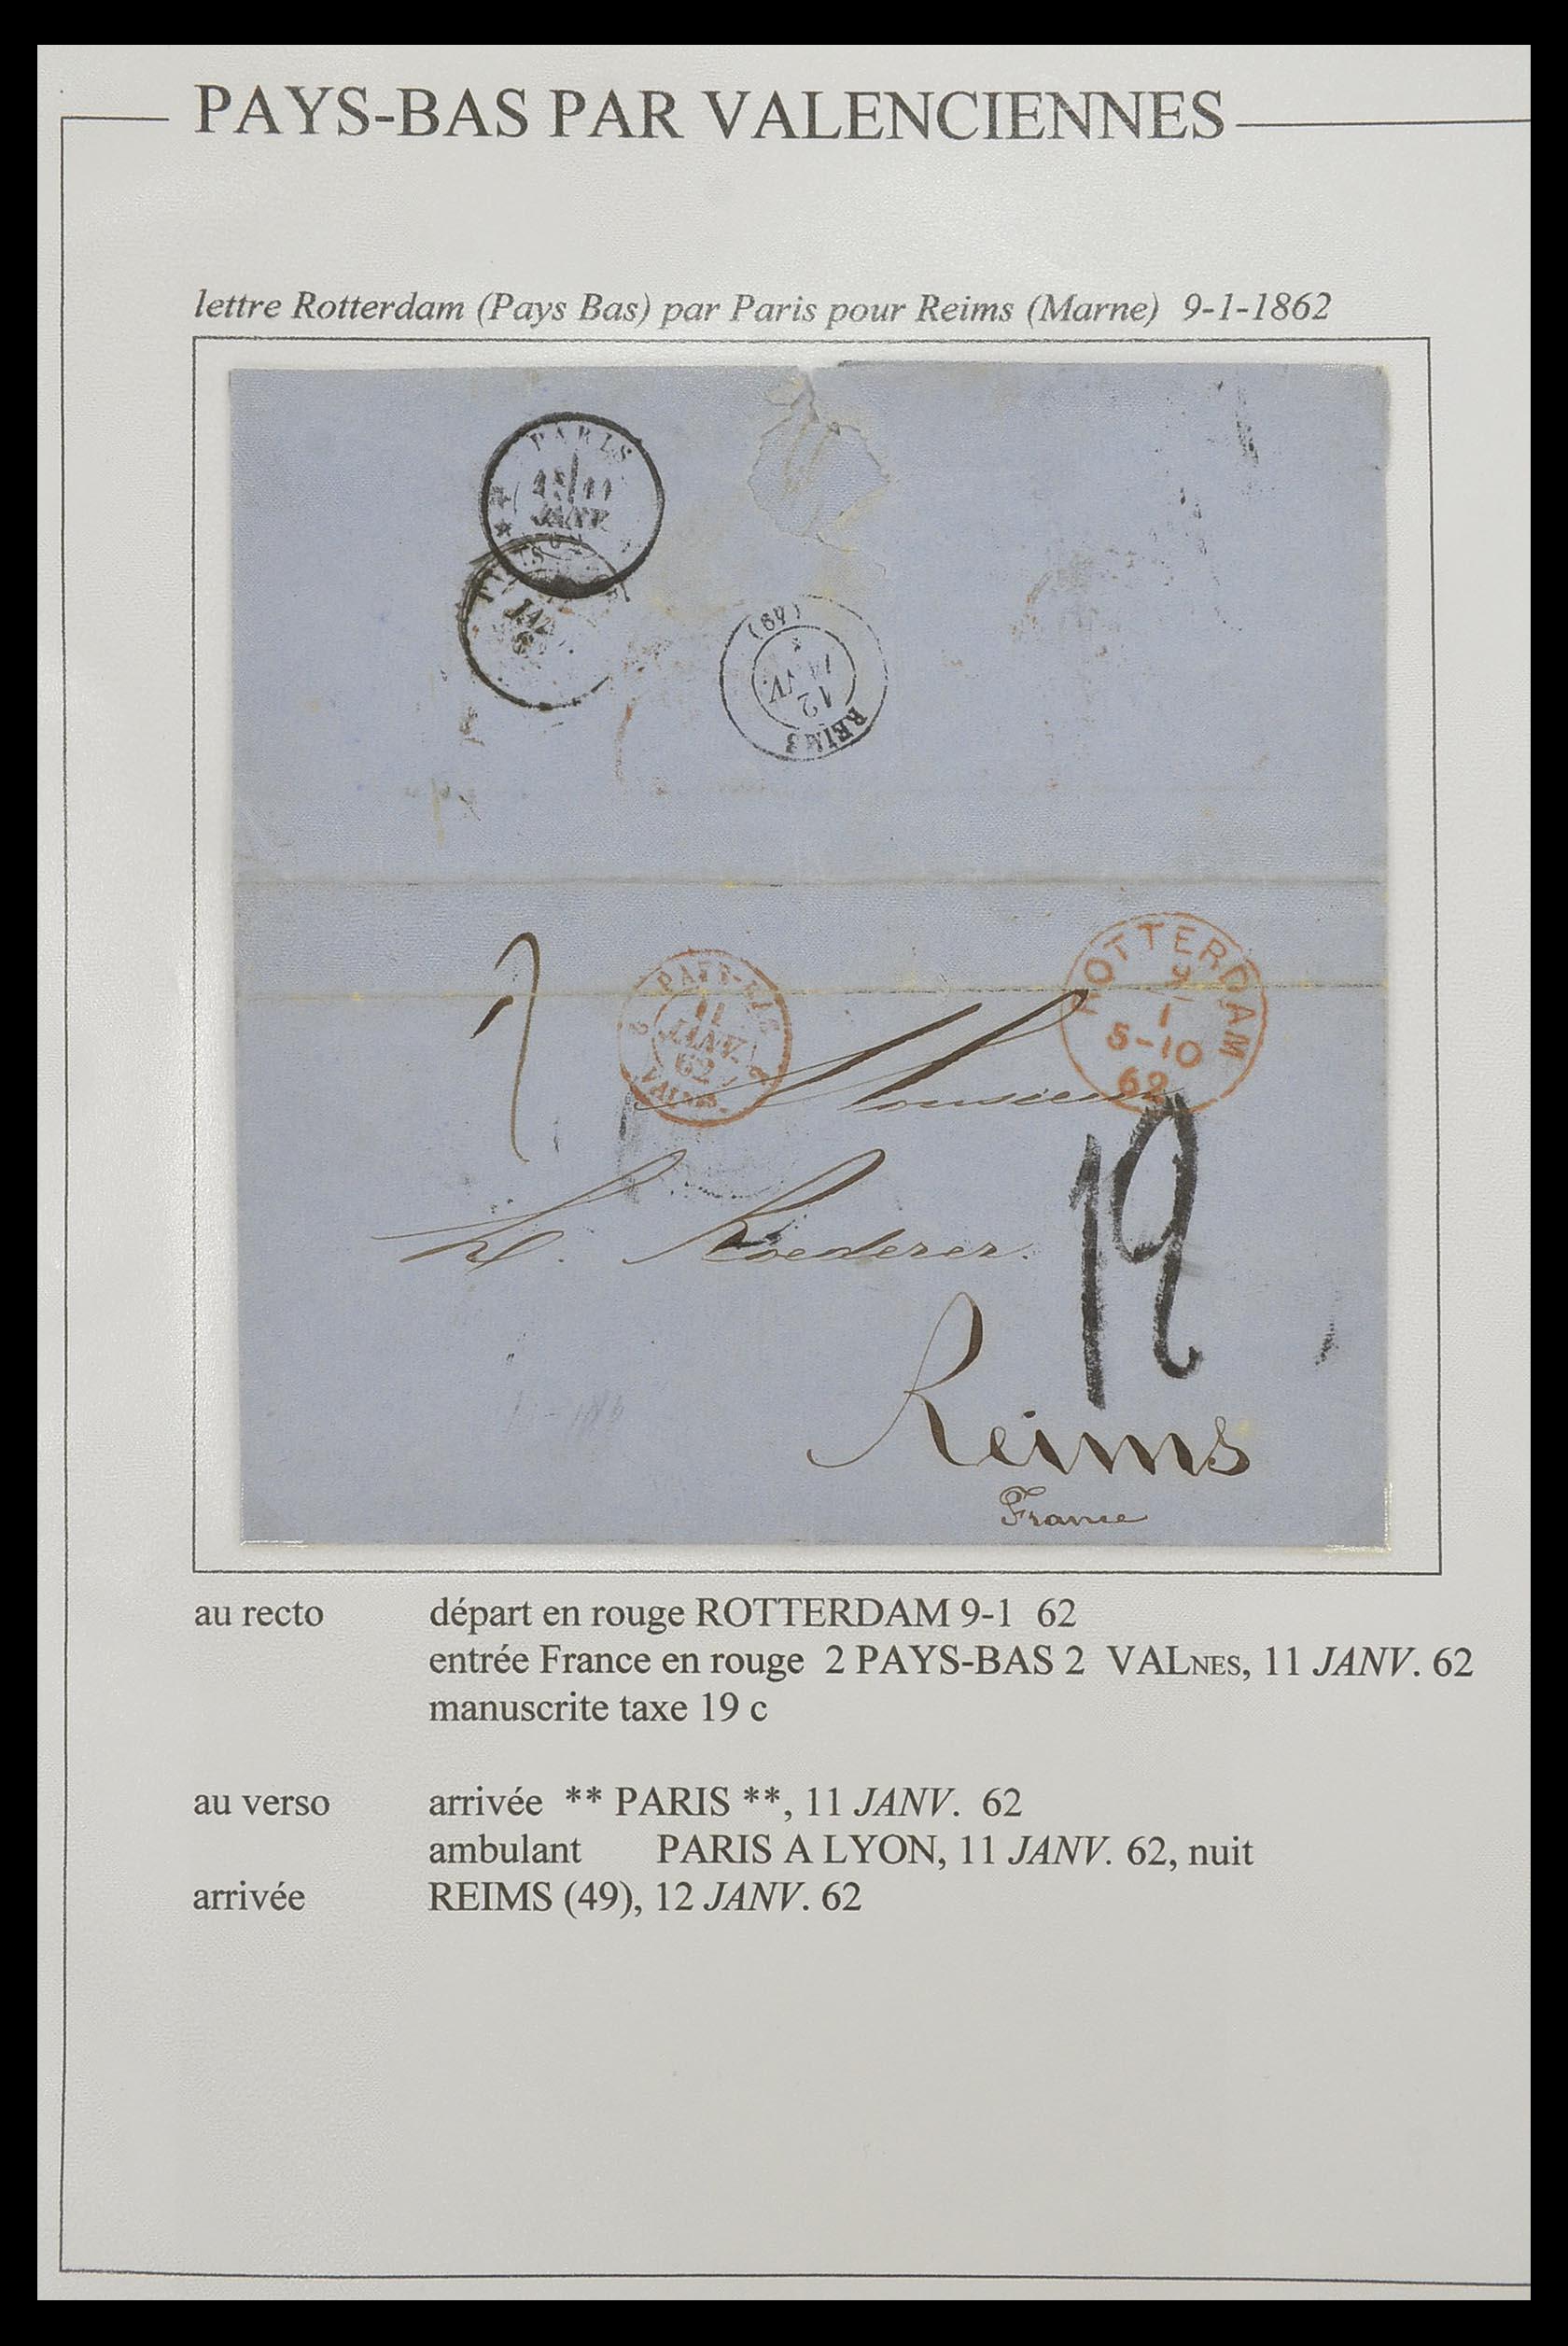 33624 001 - Postzegelverzameling 33624 Frankrijk brieven 1854-1907.